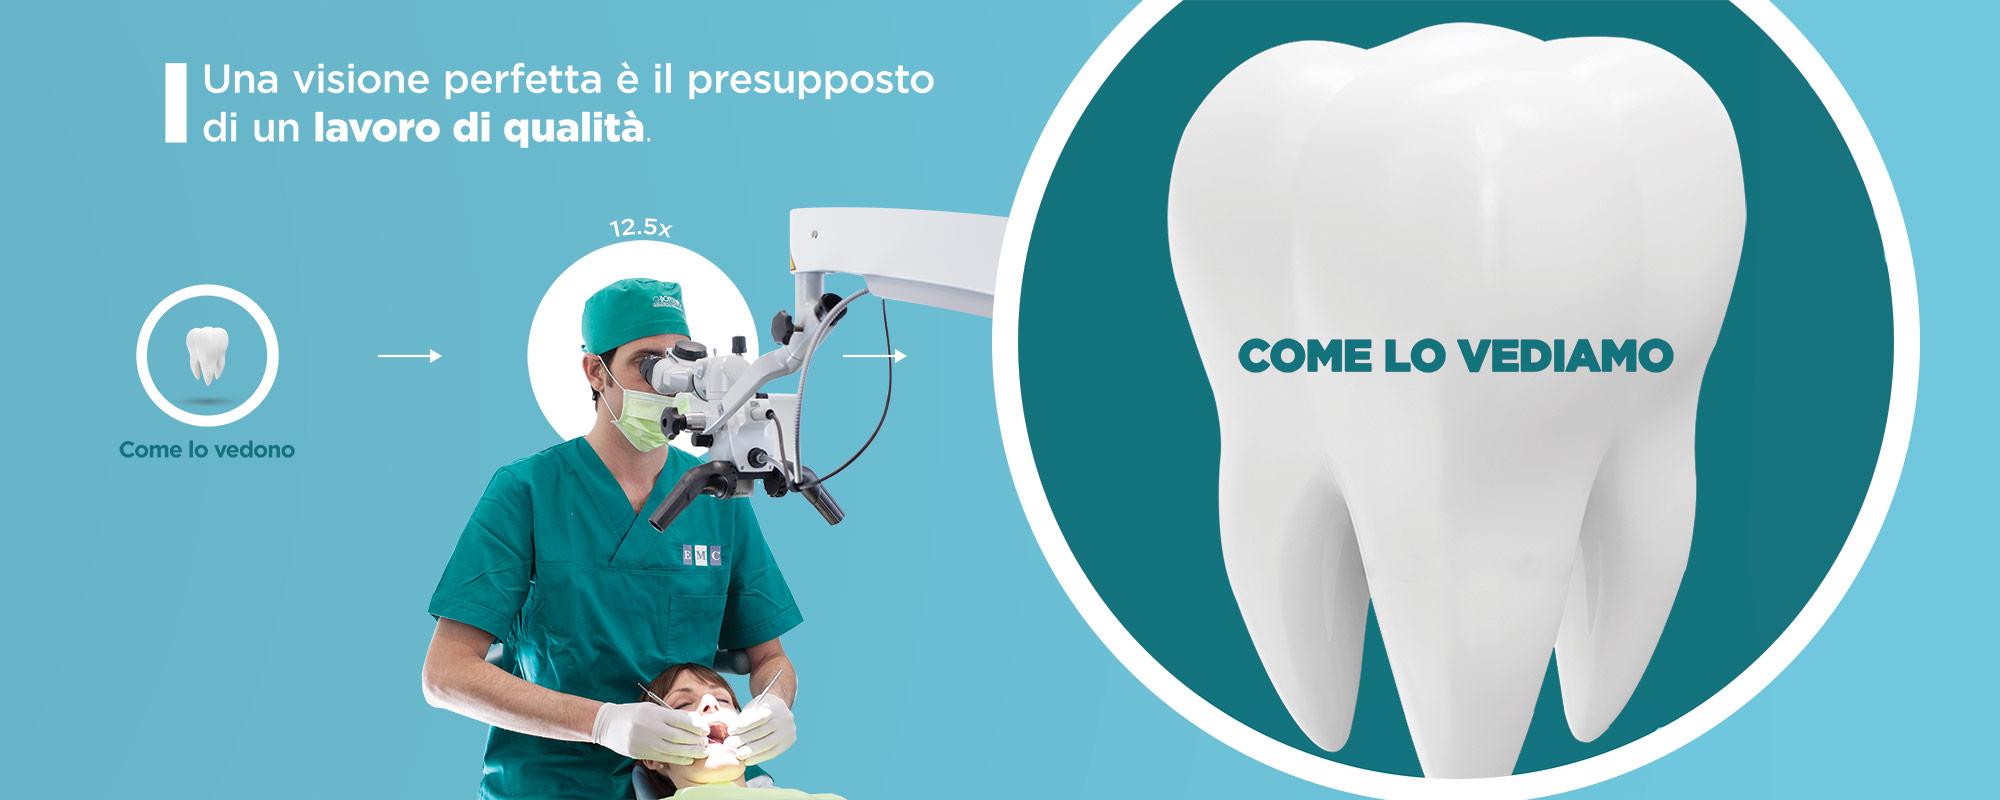 microscopio-dentistico-studio-dentistico-calvi